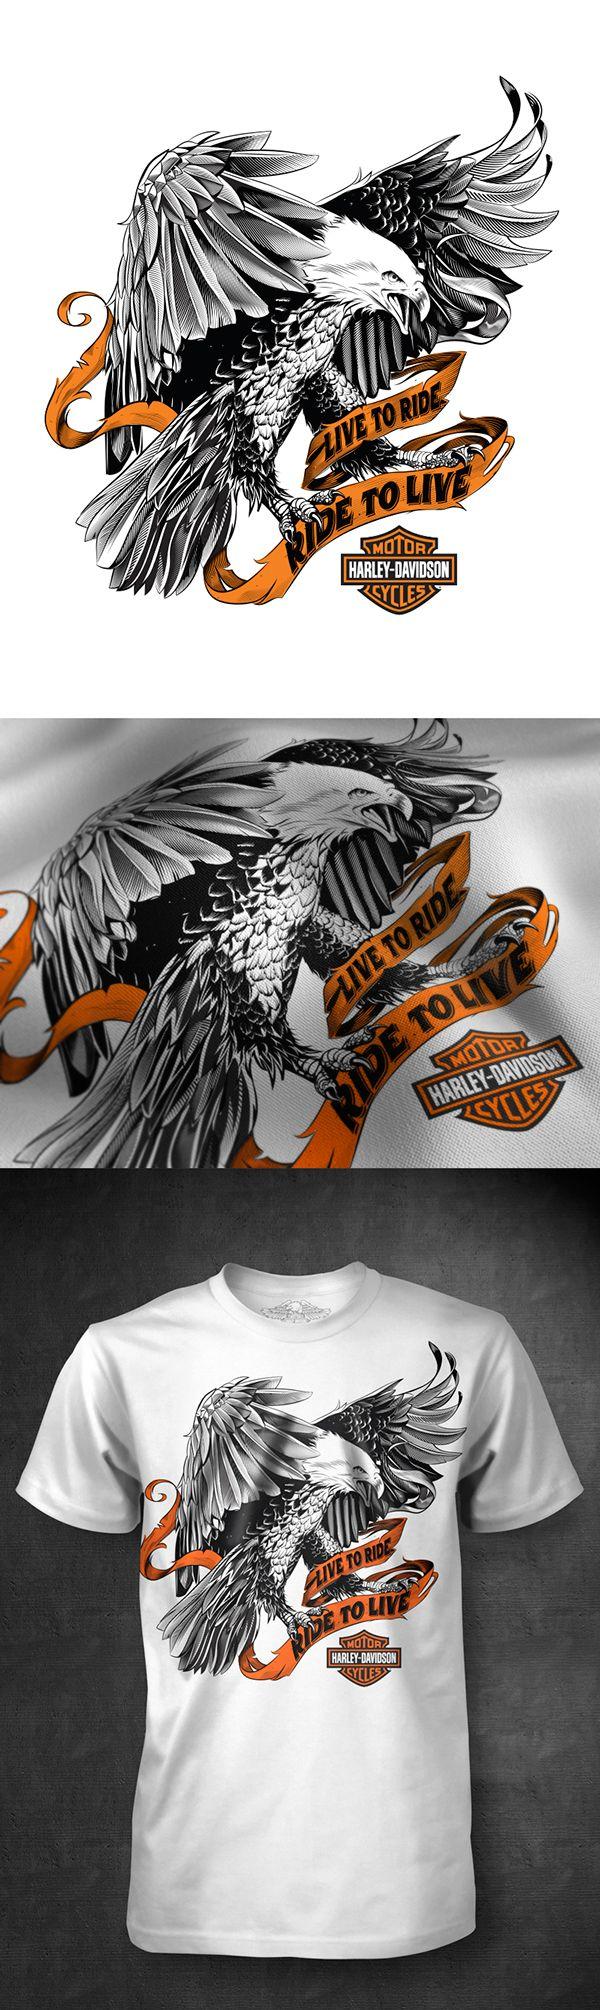 3420 best Stencil images on Pinterest   Harley davidson logo, Harley ...